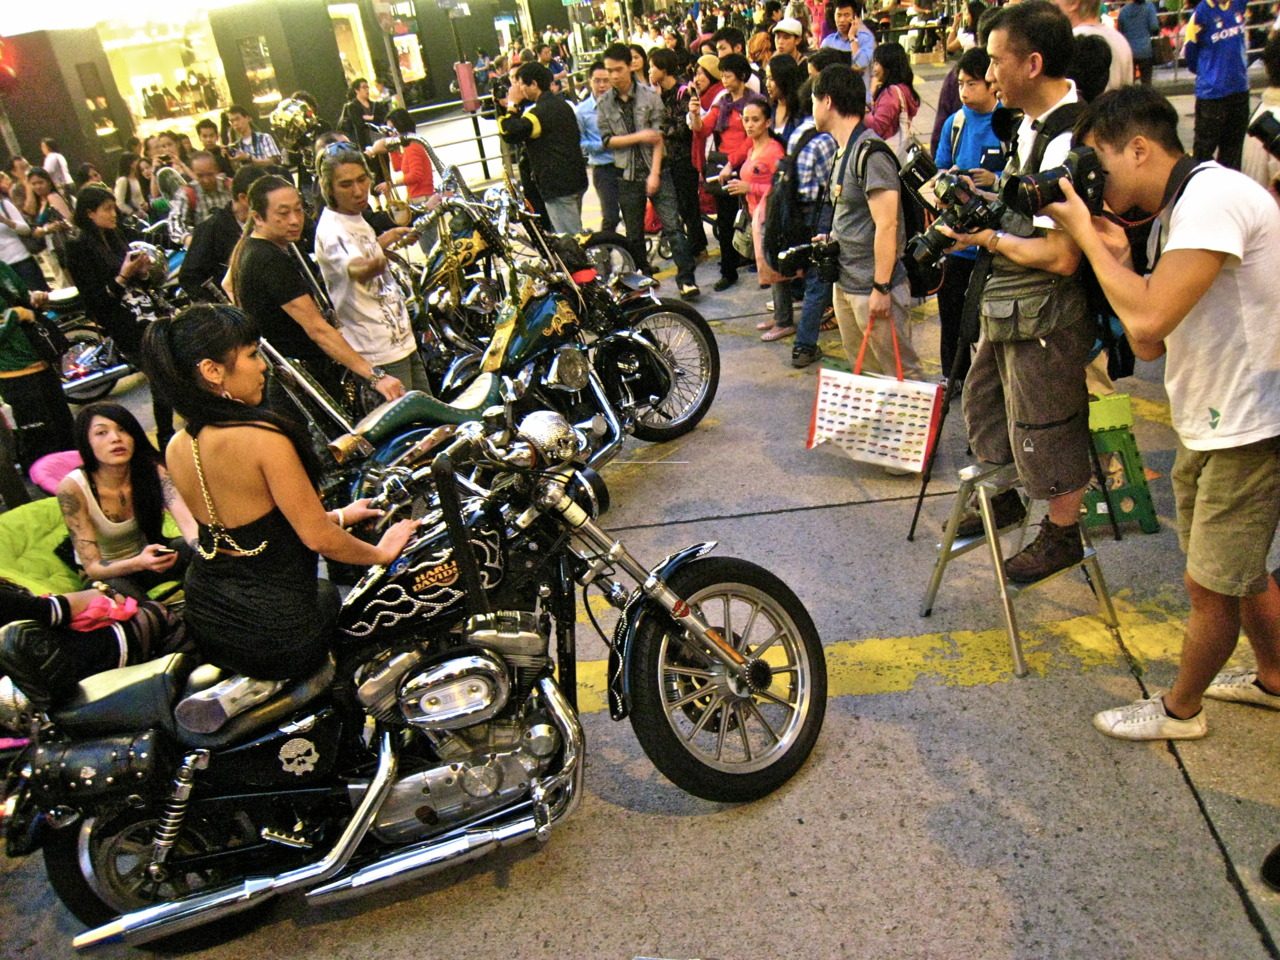 Harley Davidson Biker Gangs invade Central!!